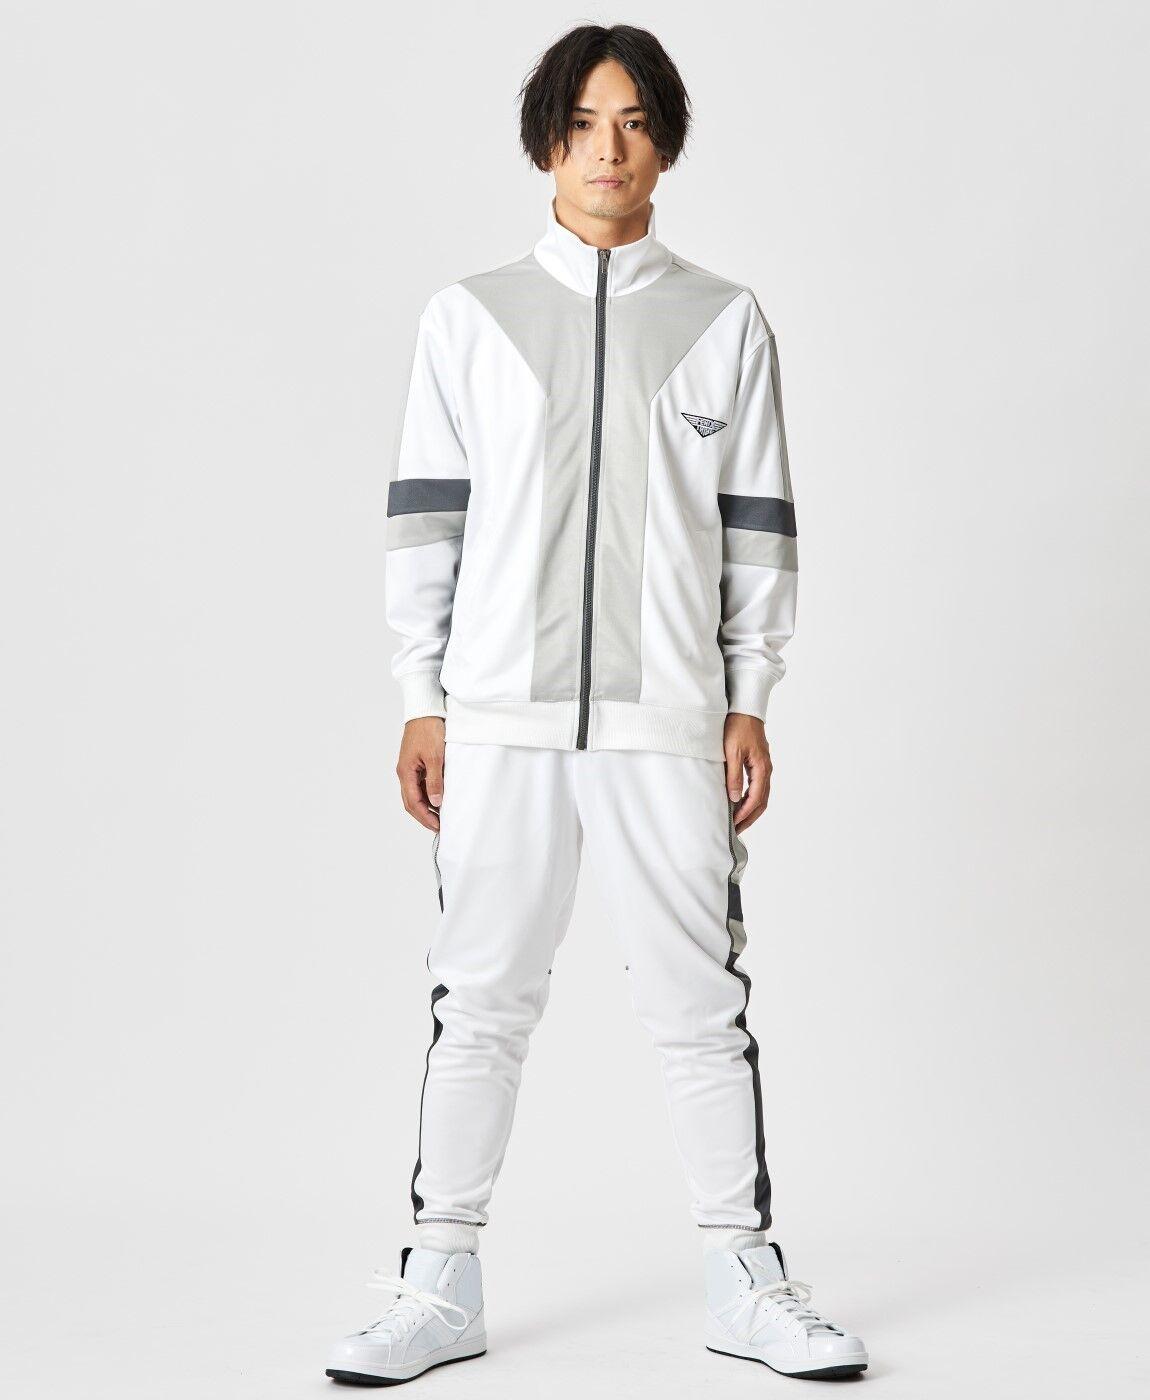 Kamen Rider Revice Fenix Sweatsuit Jacket